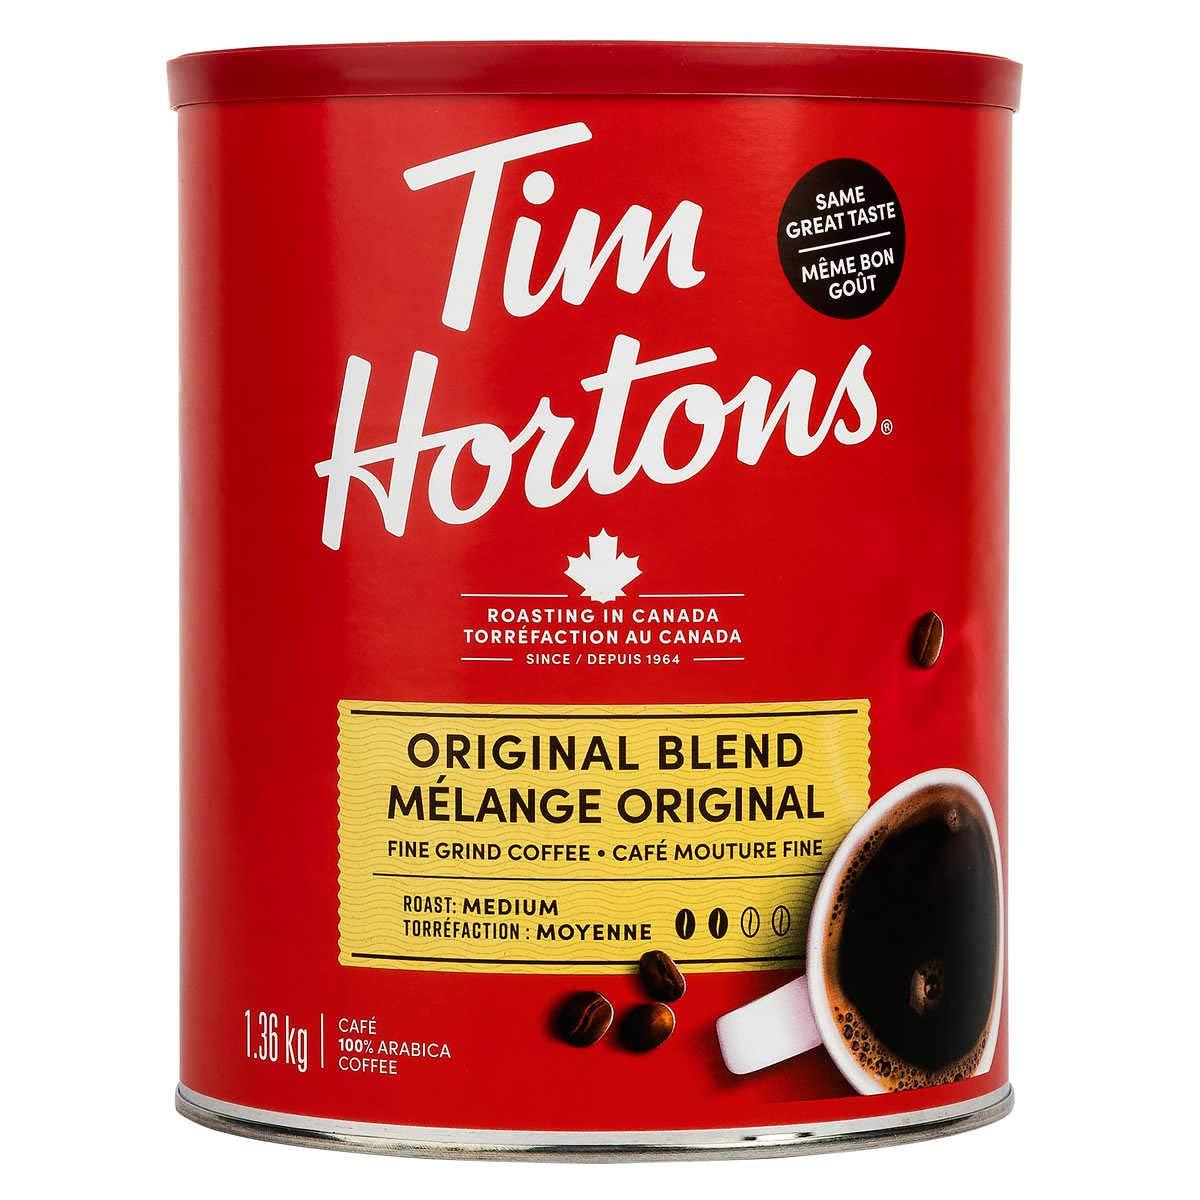 قهوة تيم هورتنز أوريجينال بليند المطحونة جيد ا عبوة 1 36 كجم Amazon Ae